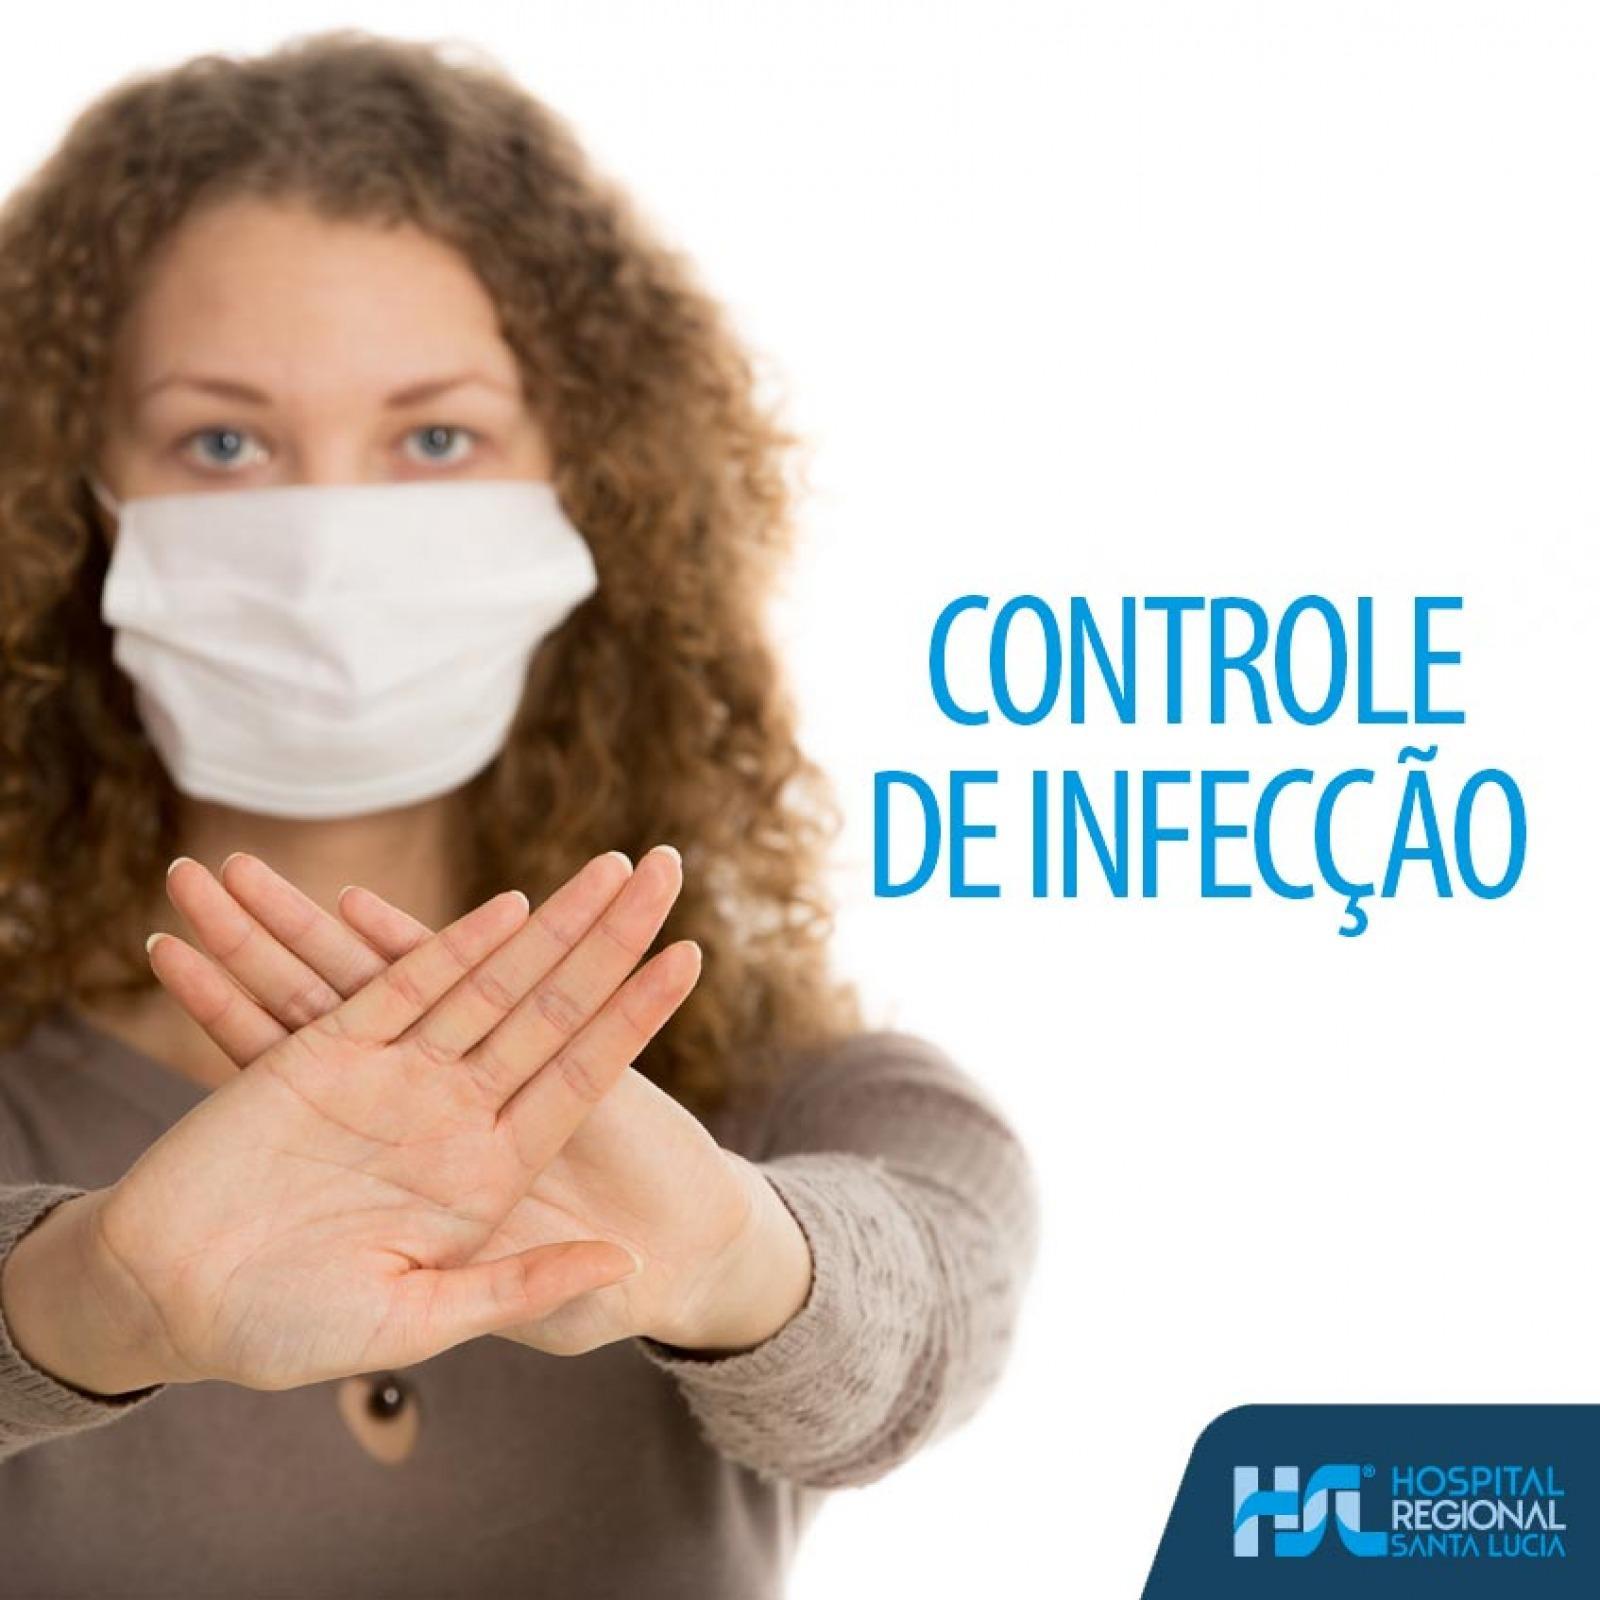 Sempre cuidando da sua segurança: Controle de infecção hospitalar